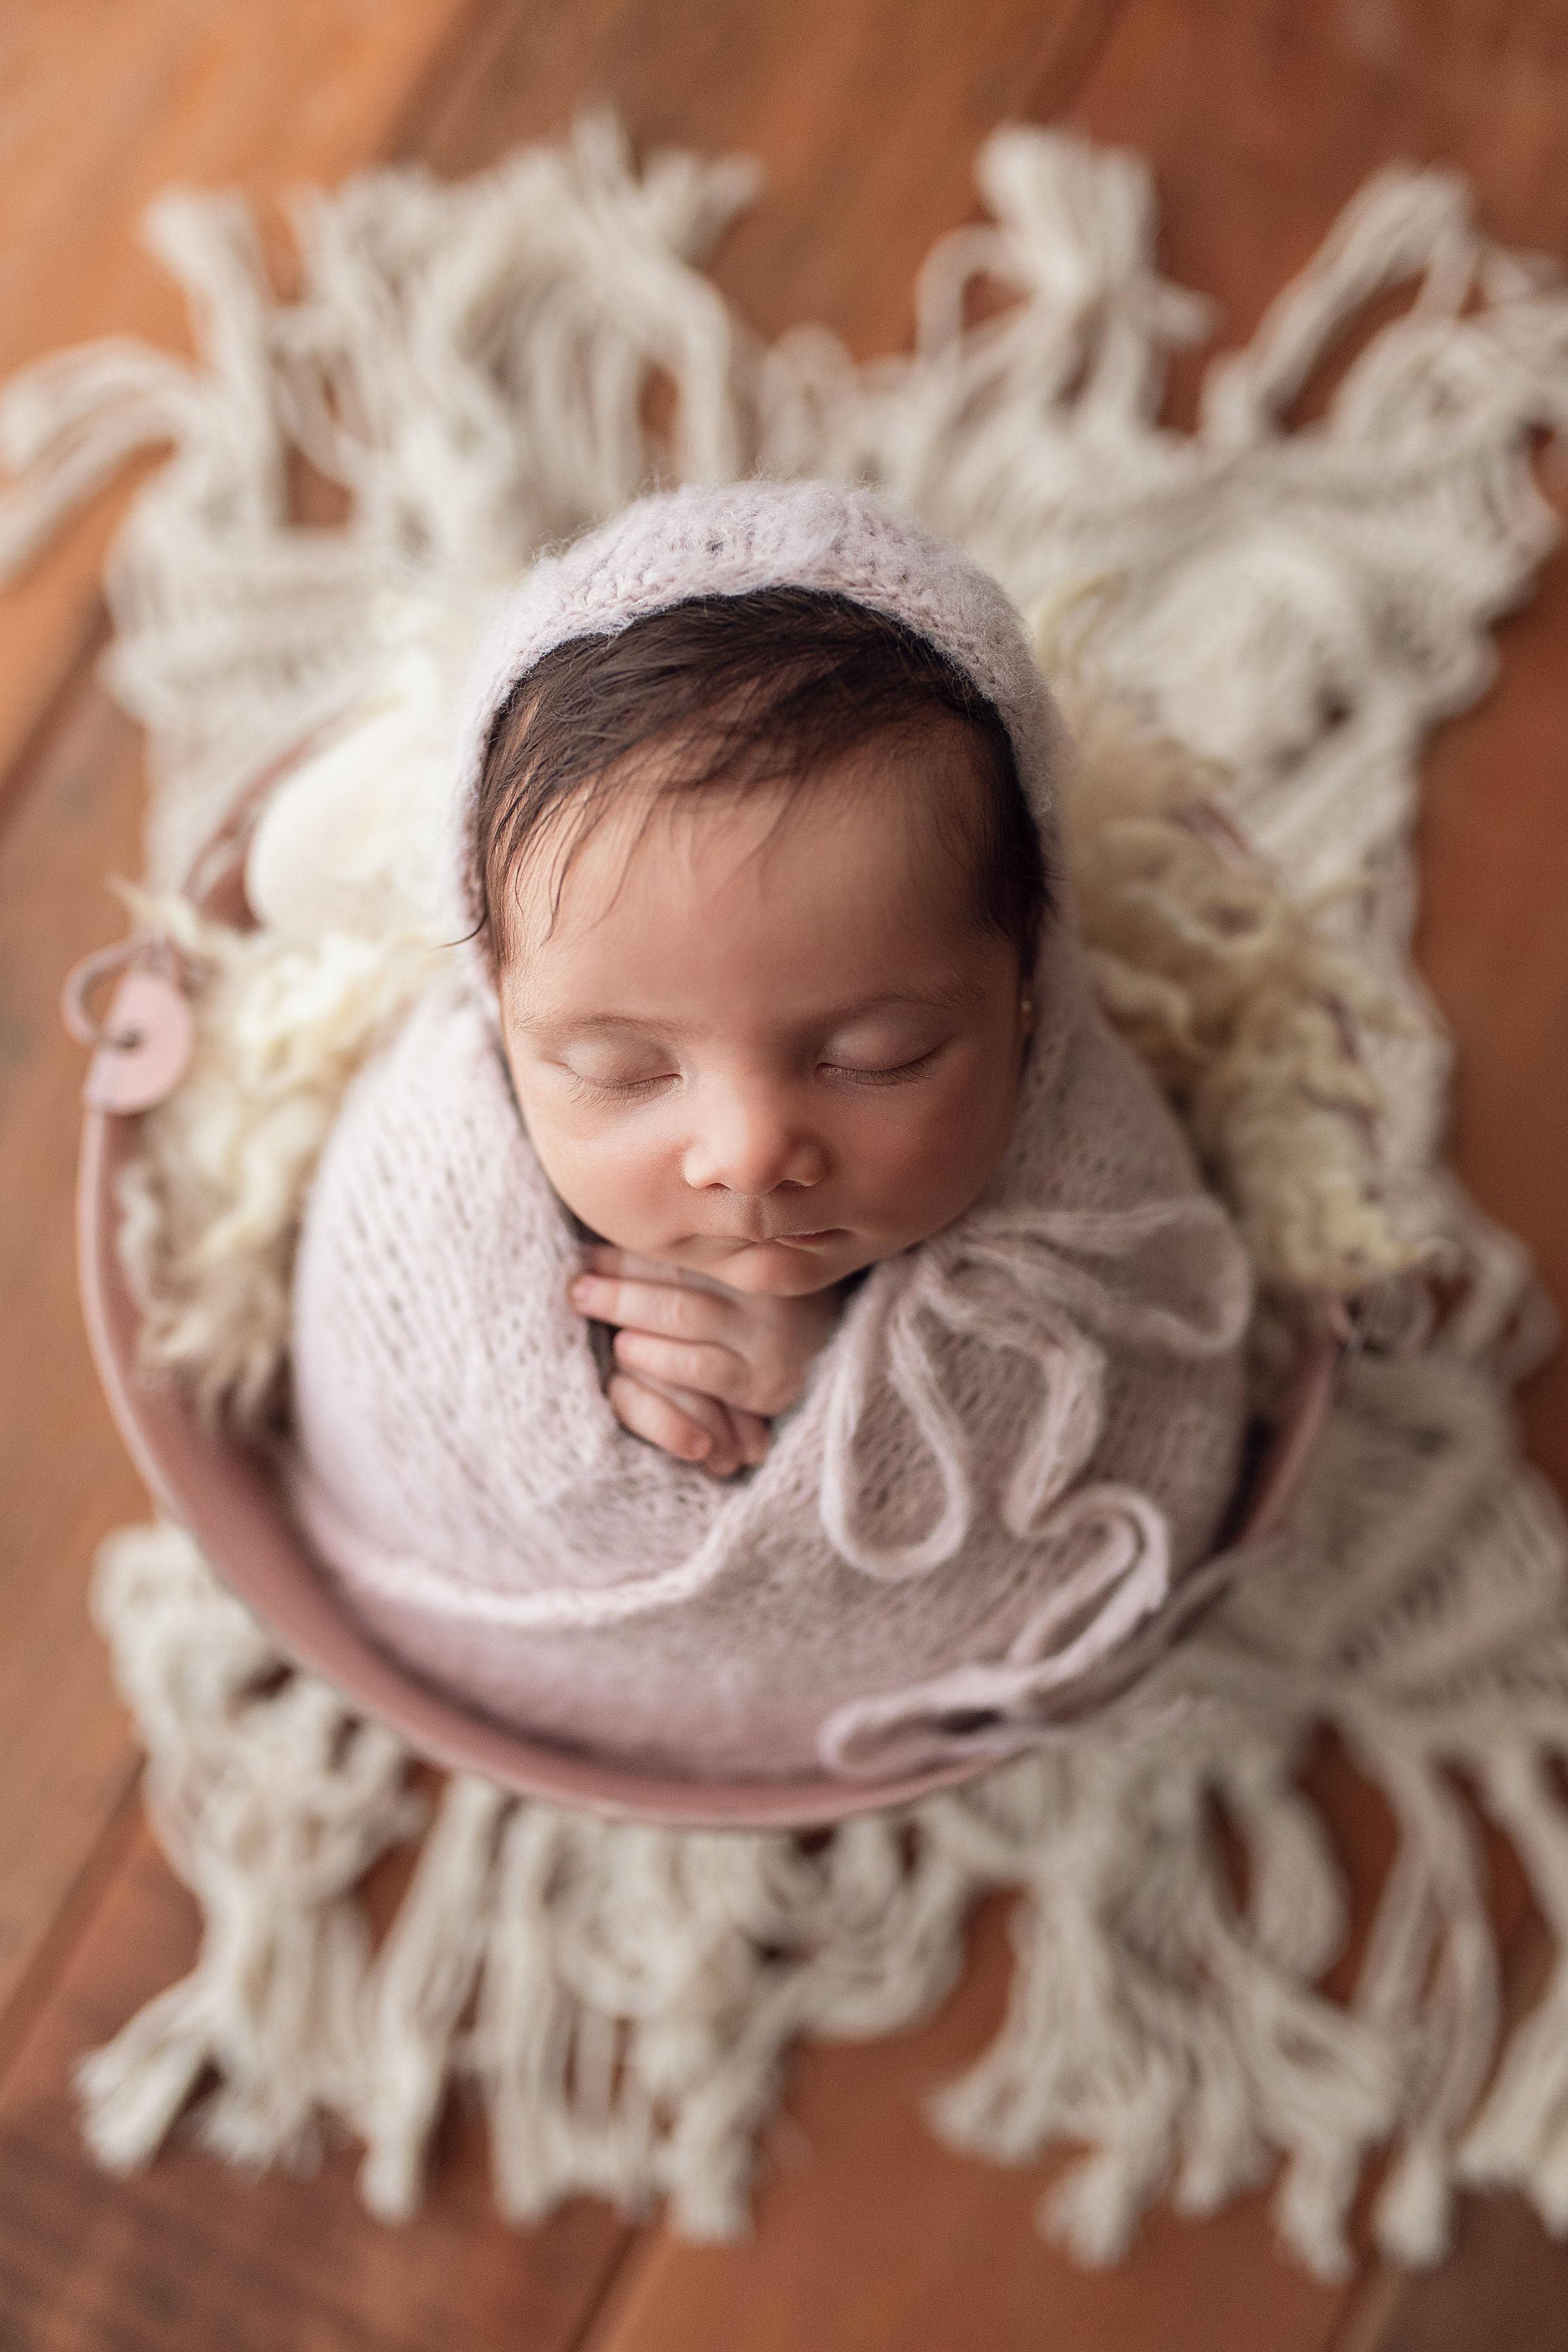 ensaio-newborn-fotografia-rio-de-janeiro-rj-barra-da-tijuca-estudio-em-casa-domicilio-perinatal-laranjeiras-zona-sul-sao-paulo-sp-rogerio-leandro-dr-workshop-mentoria-vip-melhor-13.jpg